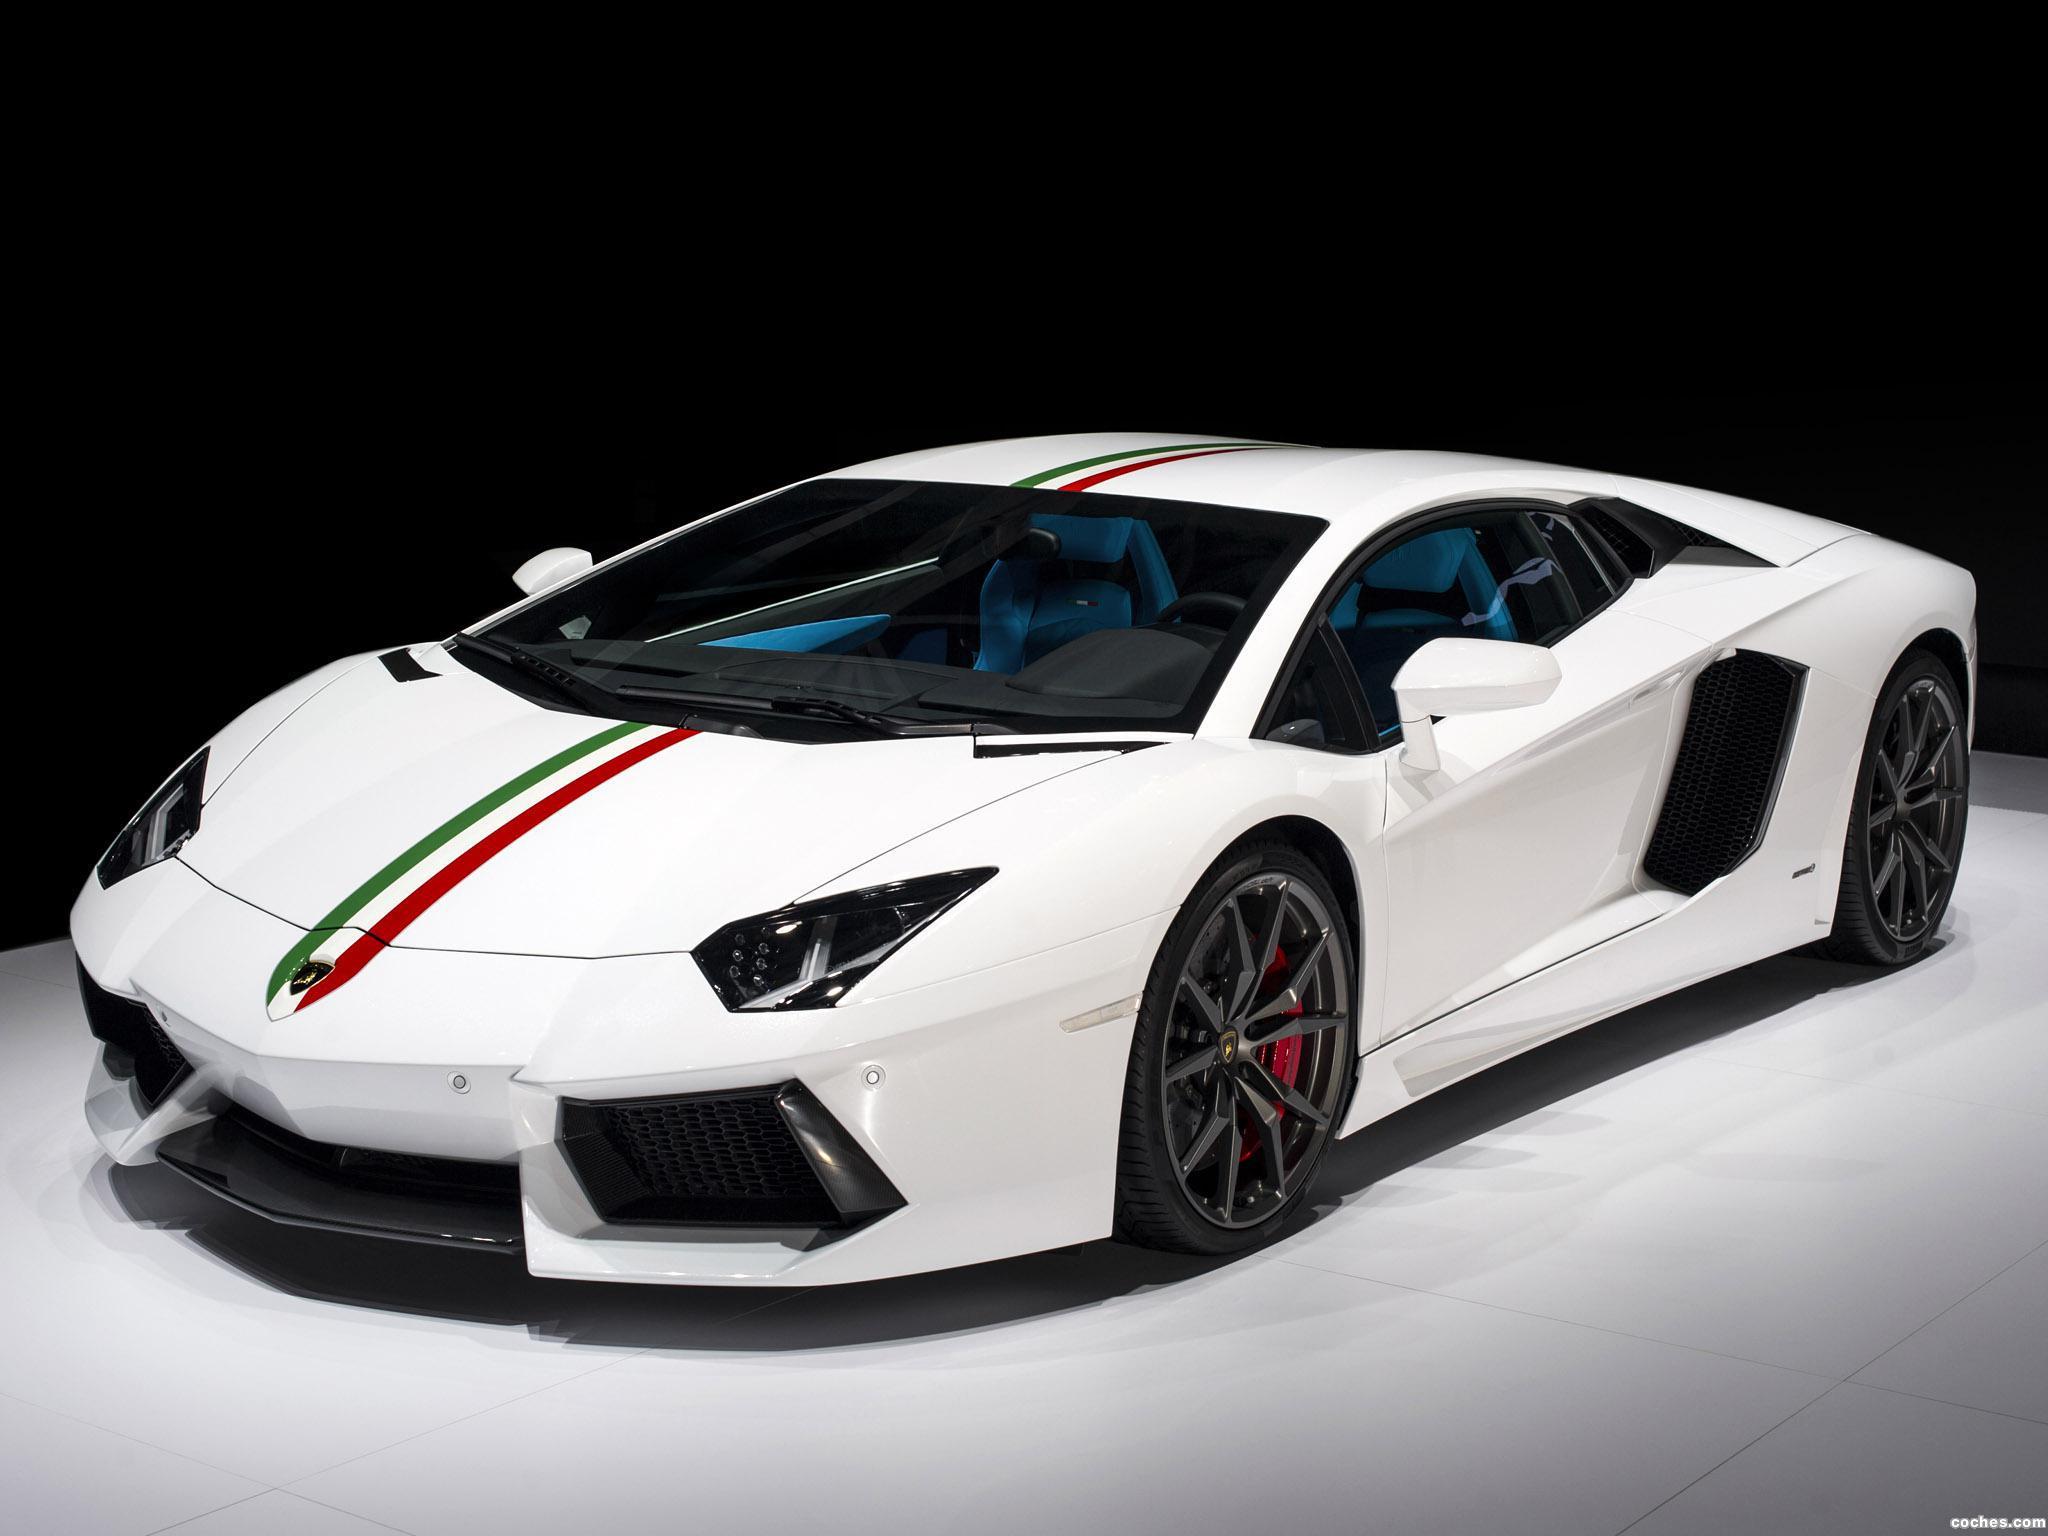 Foto 0 de Lamborghini Aventador LP700-4 Nazionale 2014